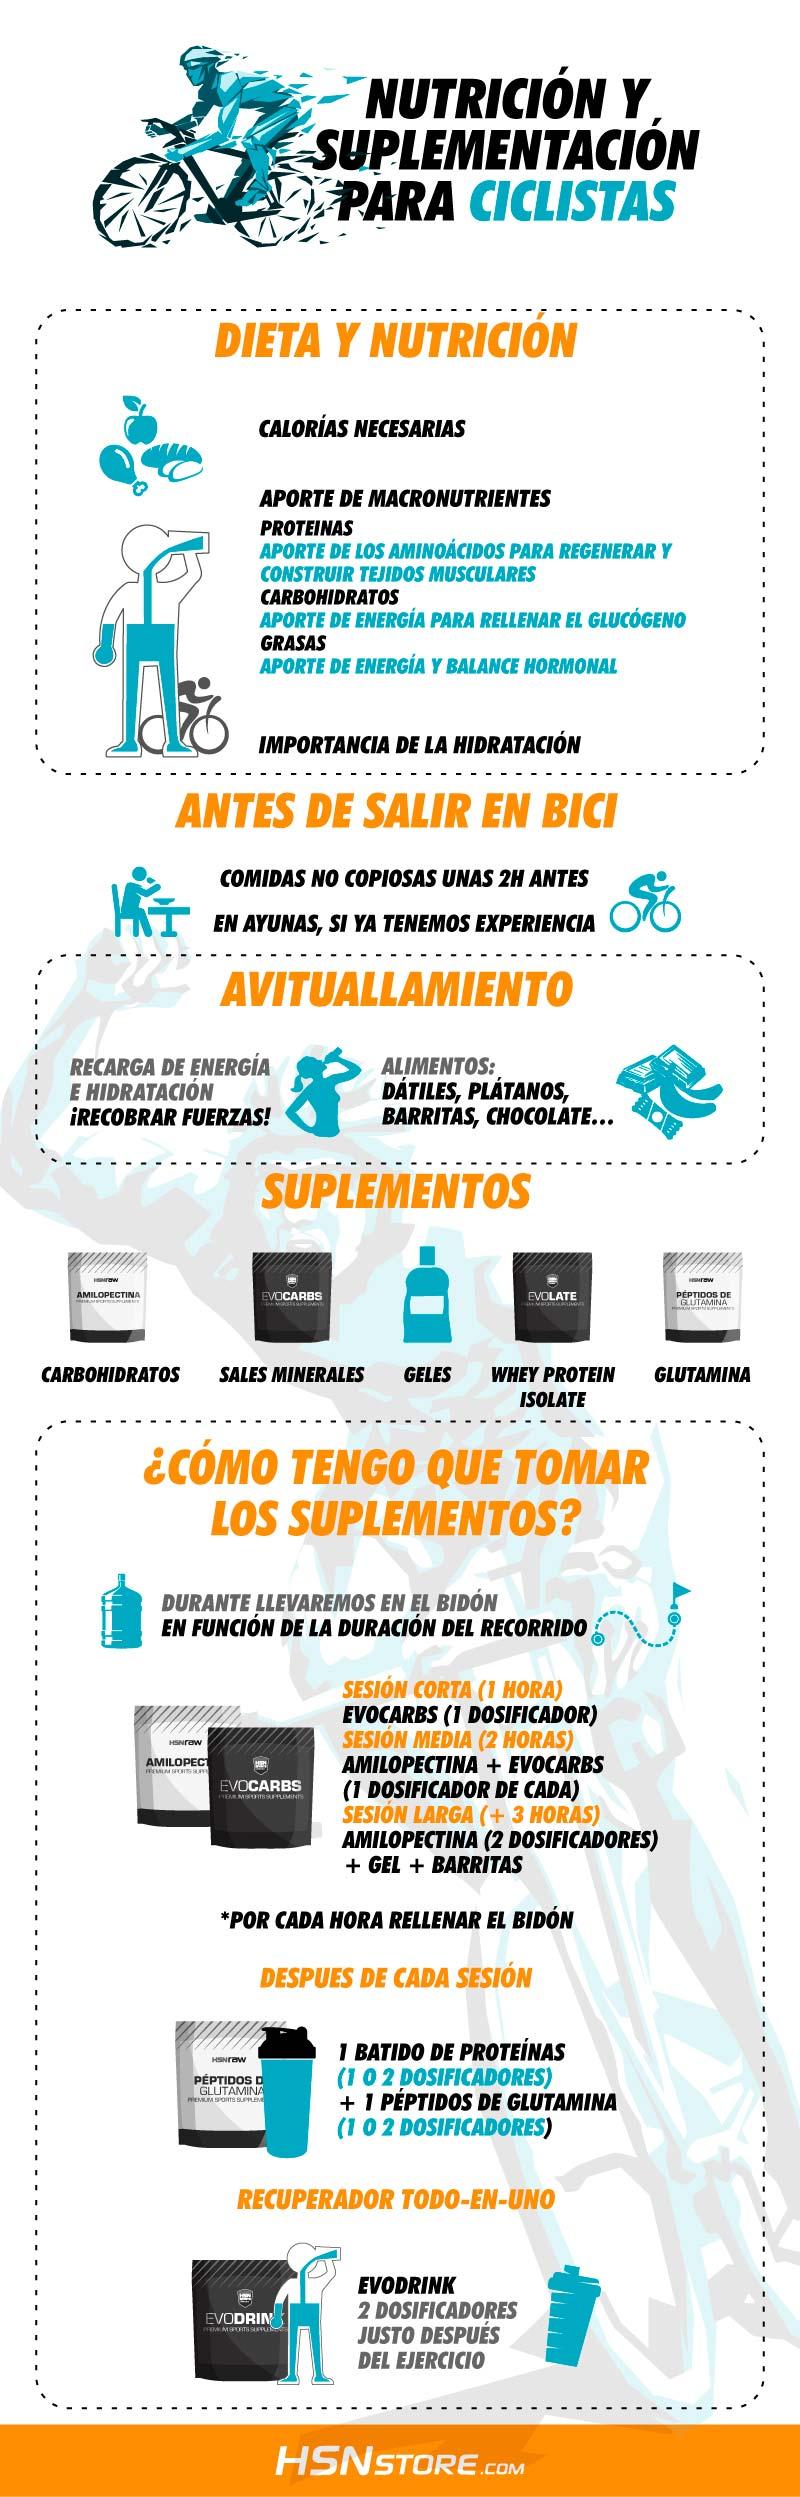 Nutrición y Suplementos para Ciclistas